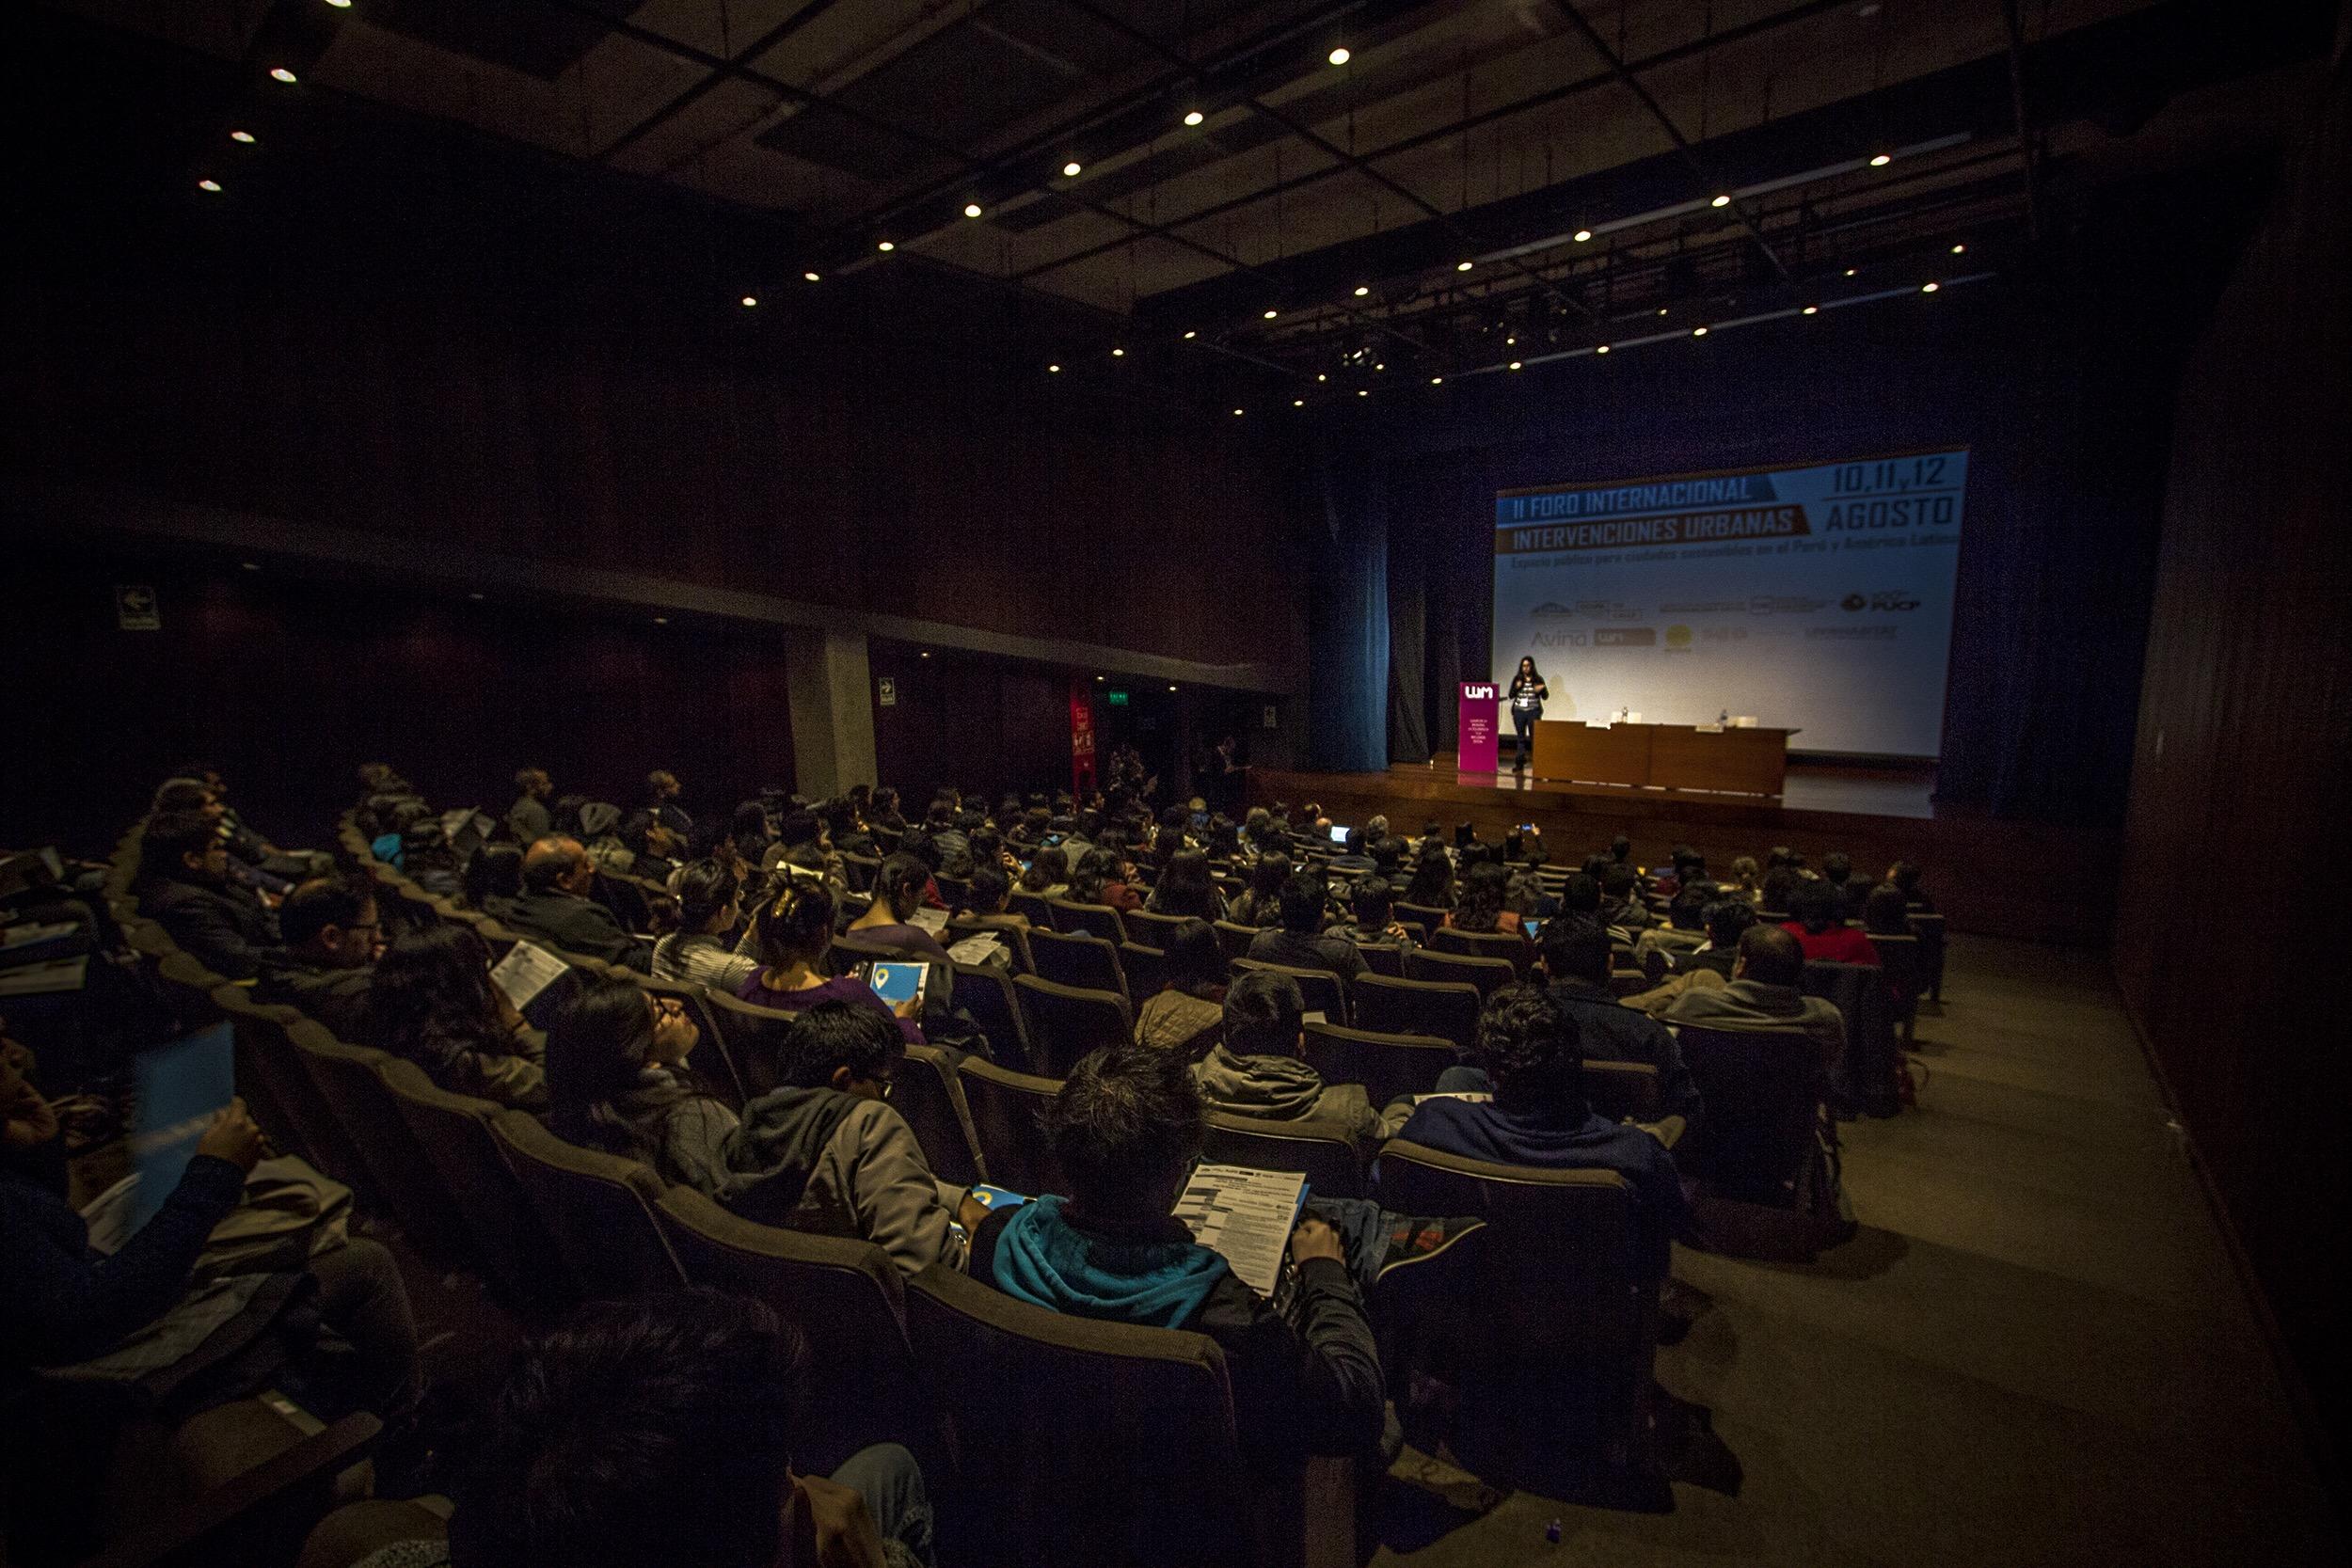 el FIIU será la sede del Placemaking Latinoamérica Perú 2019 que reunirá a profesionales del movimiento y cuyo evento germinal se realizó en Detroit en 2013